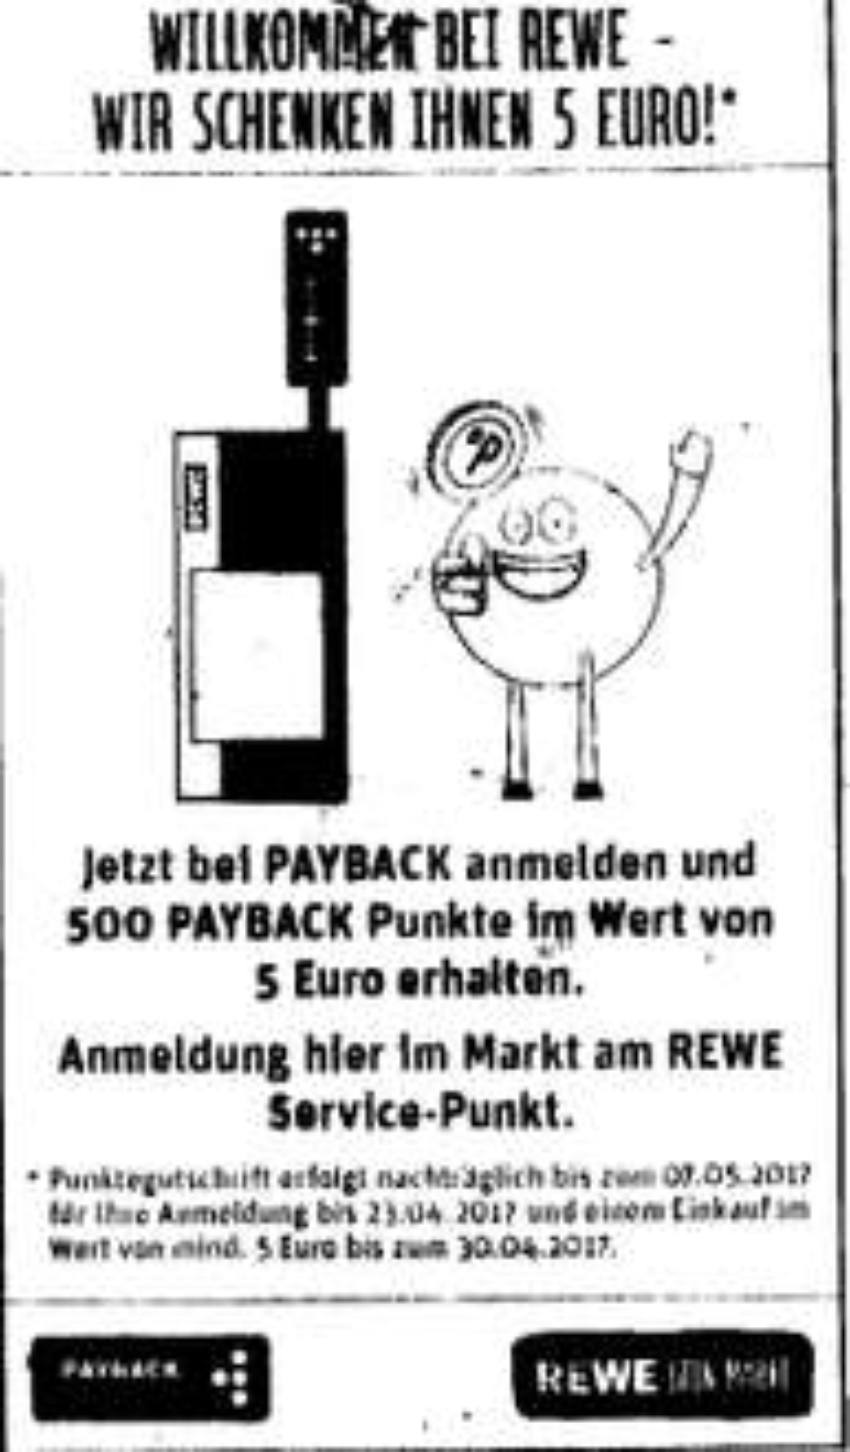 Lokal Berlin: Bei Rewe (nur ehemalige Kaiser's-Fillialen) für 5 Euro einkaufen und als Neukunde 500 Payback-Punkte erhalten